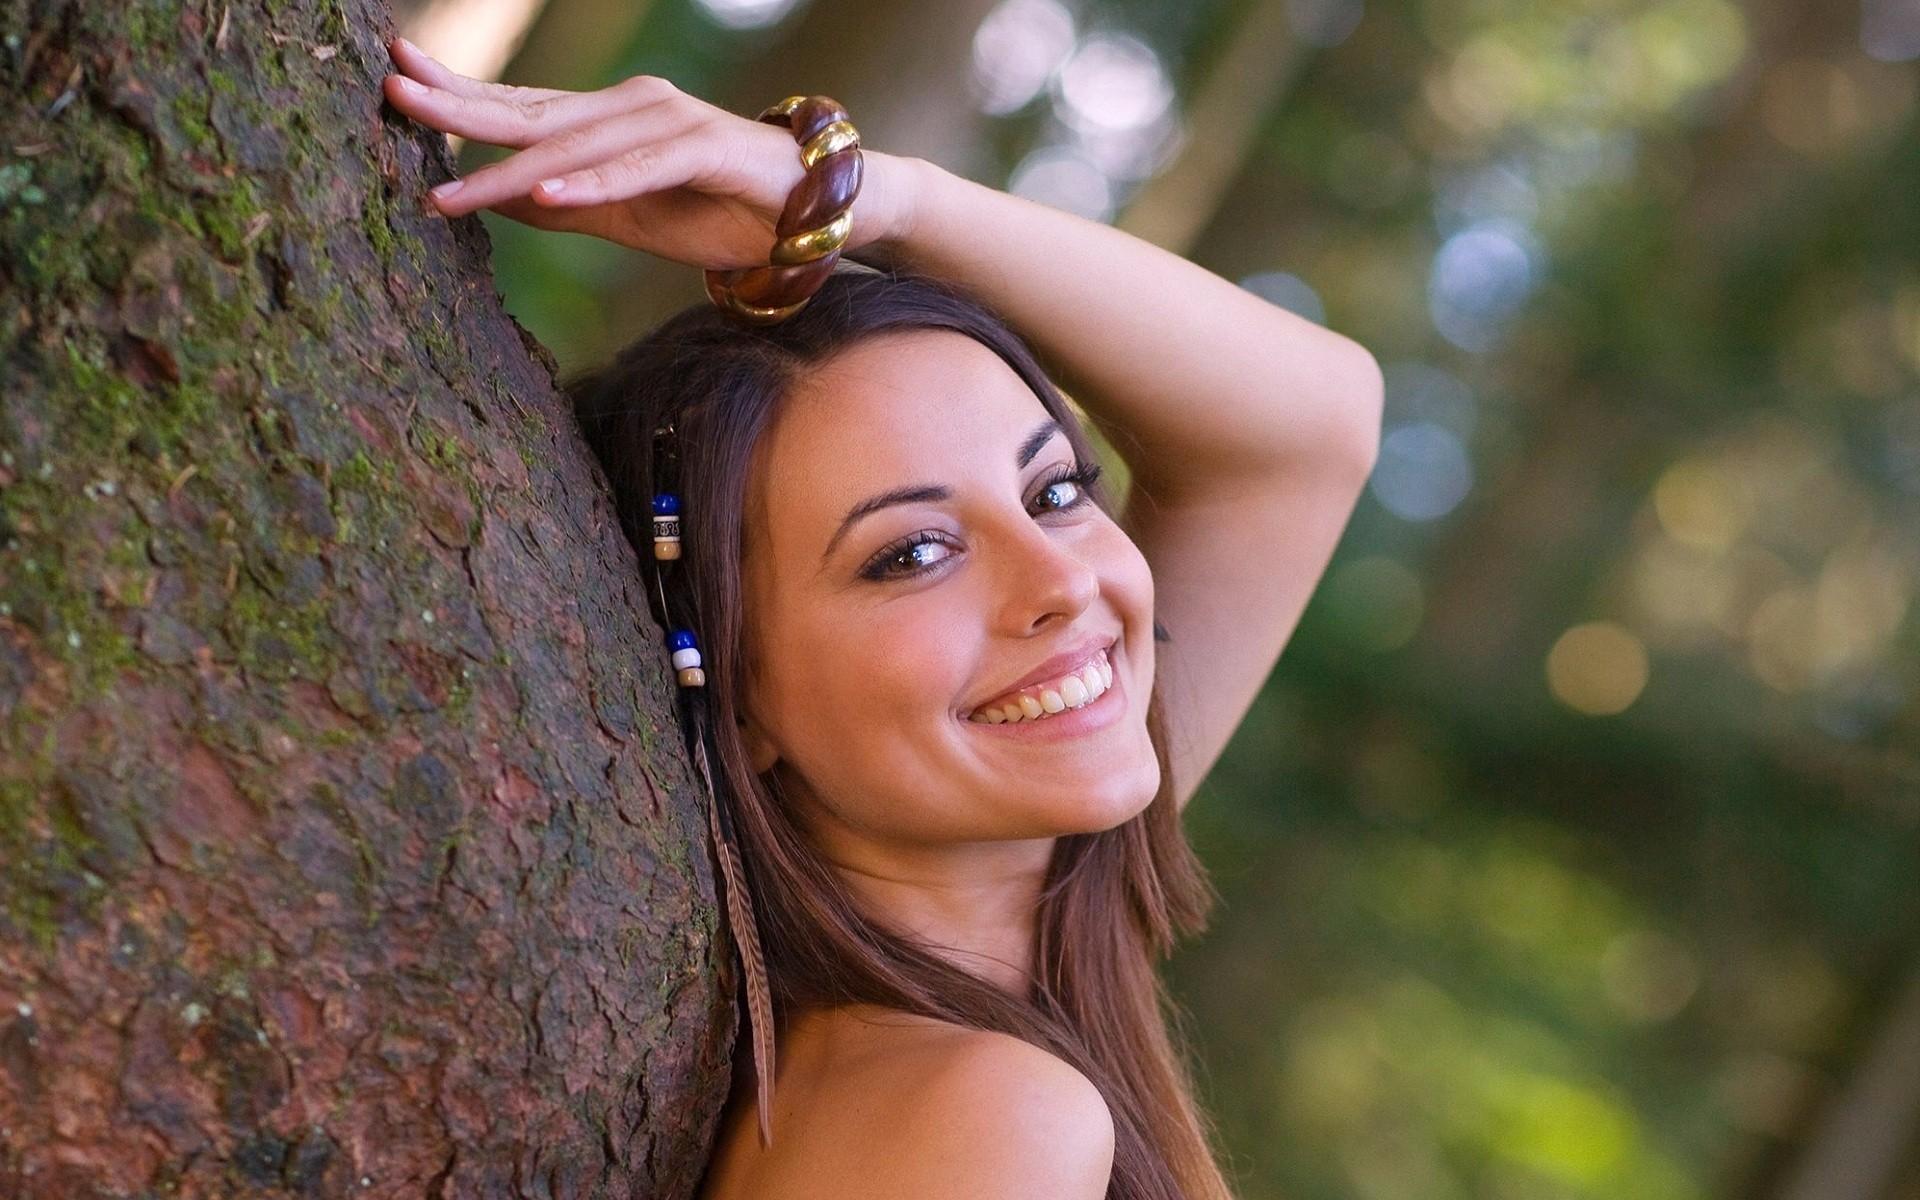 Una chica sonriendo - 1920x1200